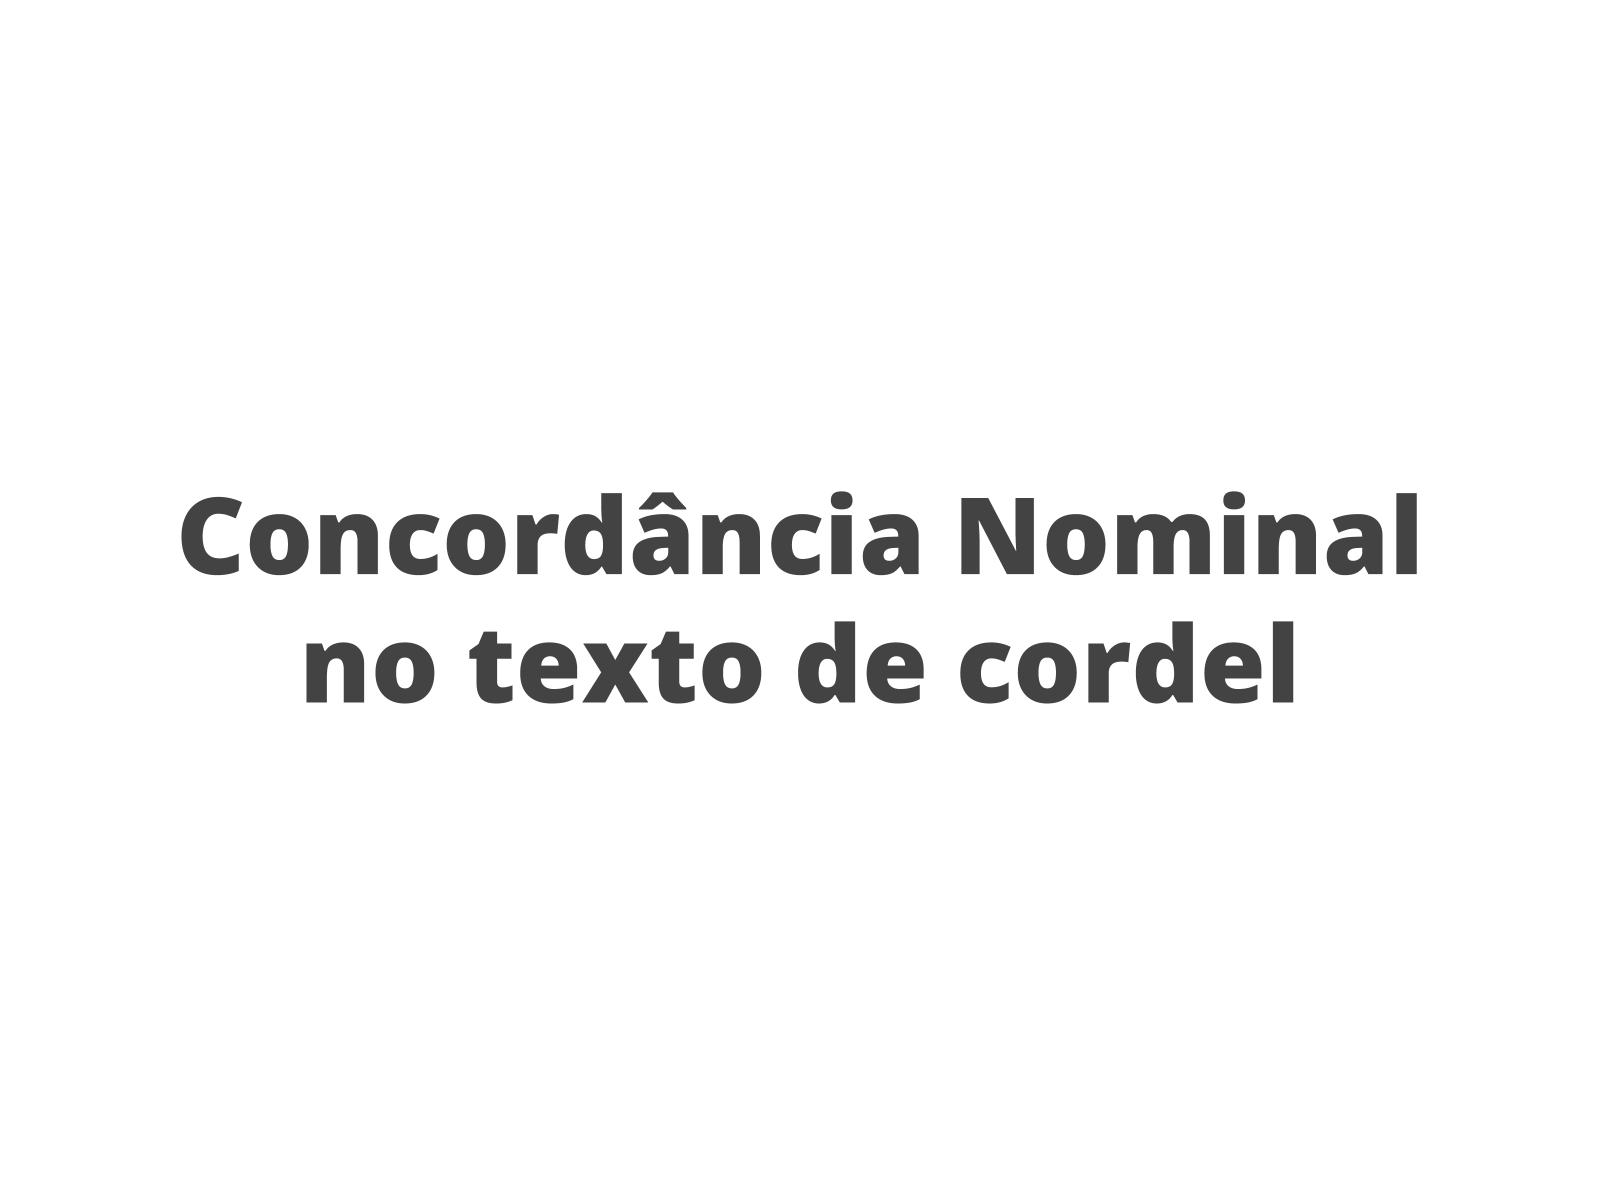 Descobrindo a concordância nominal a partir da leitura de um texto de cordel